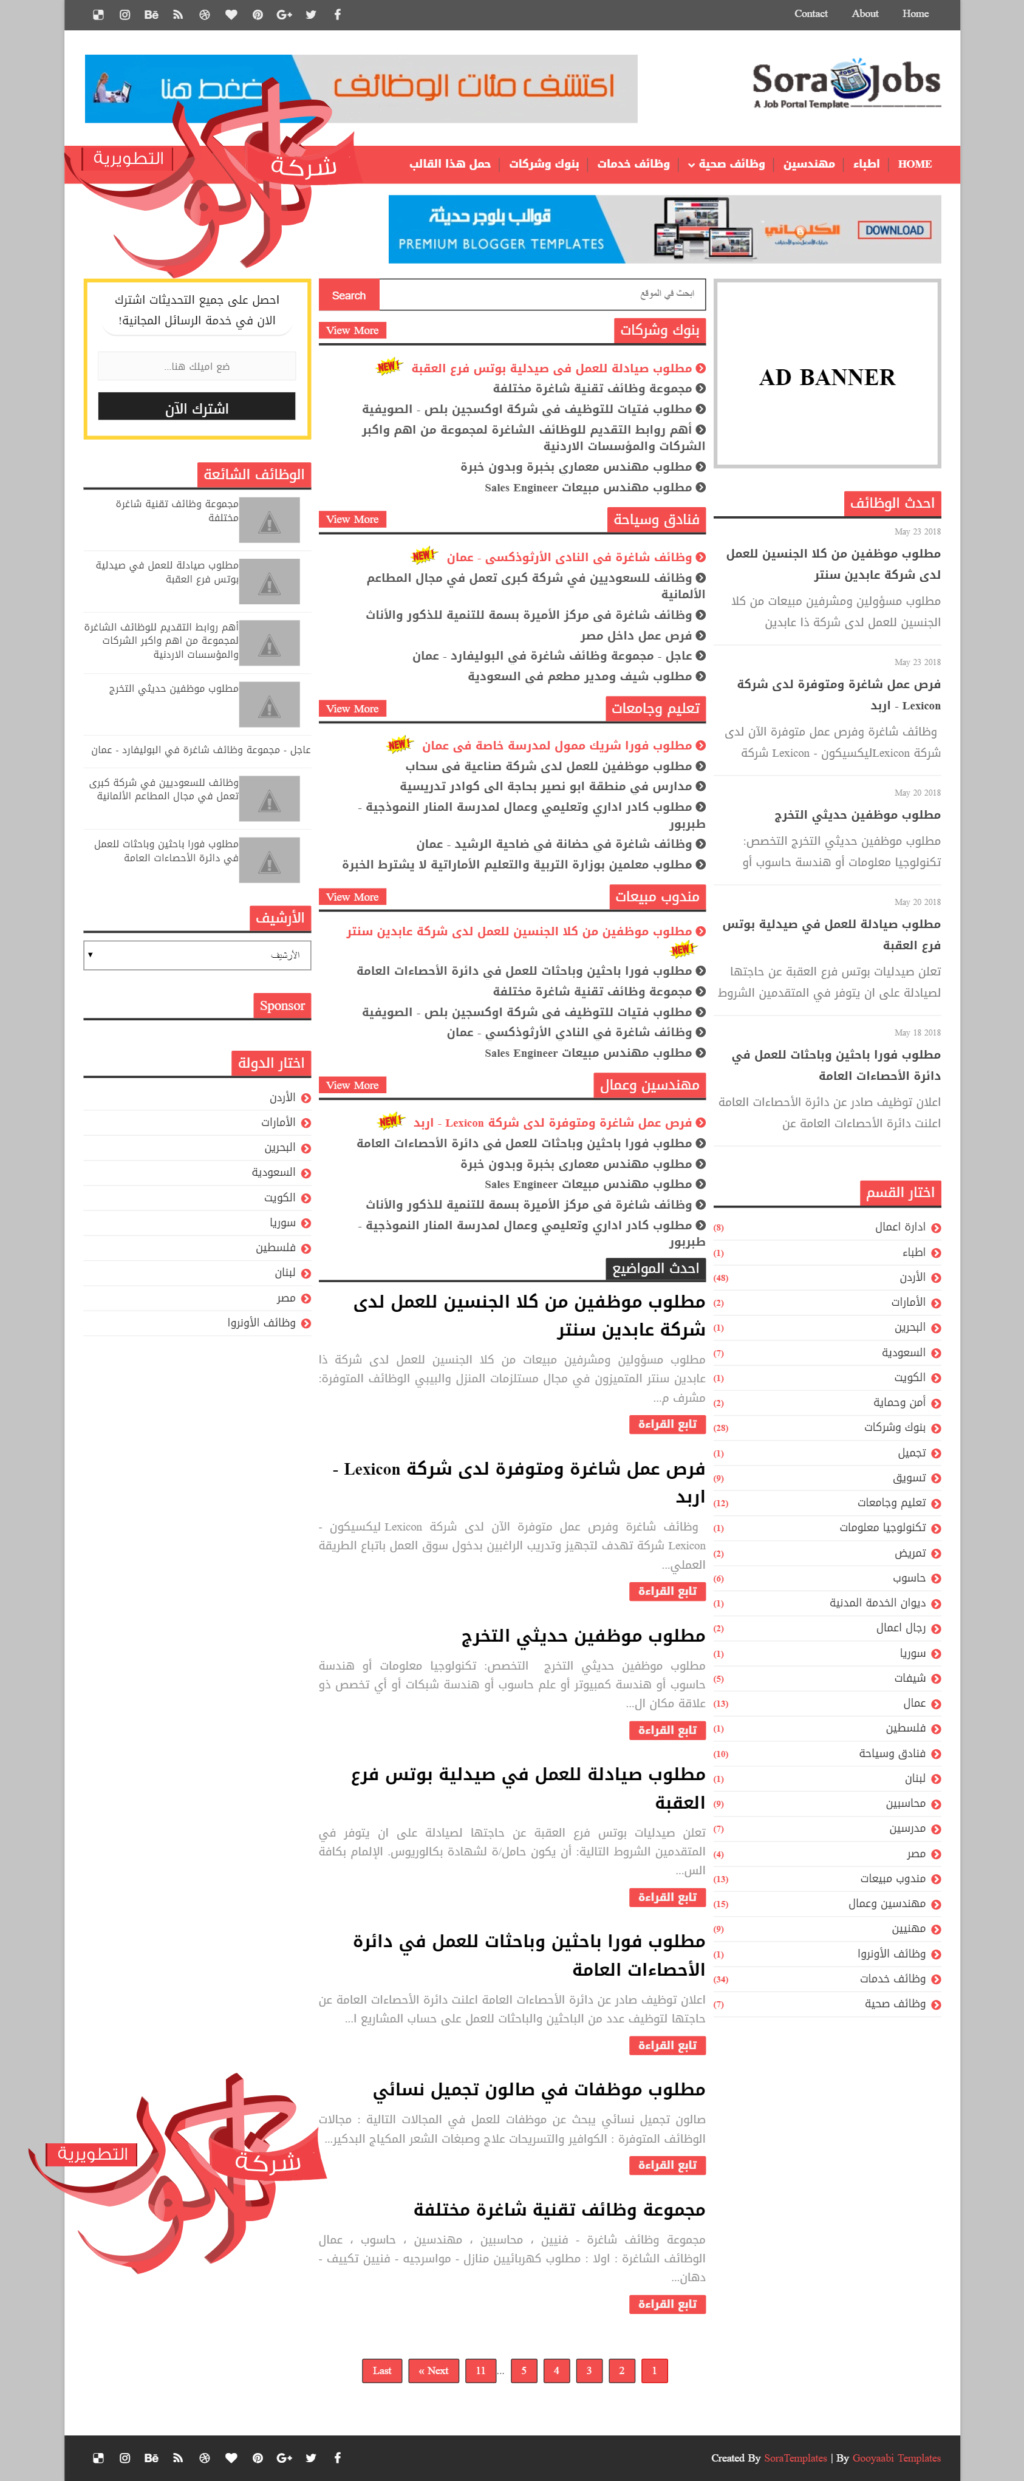 قالب سورا للوظائف لمدونات بلوجر